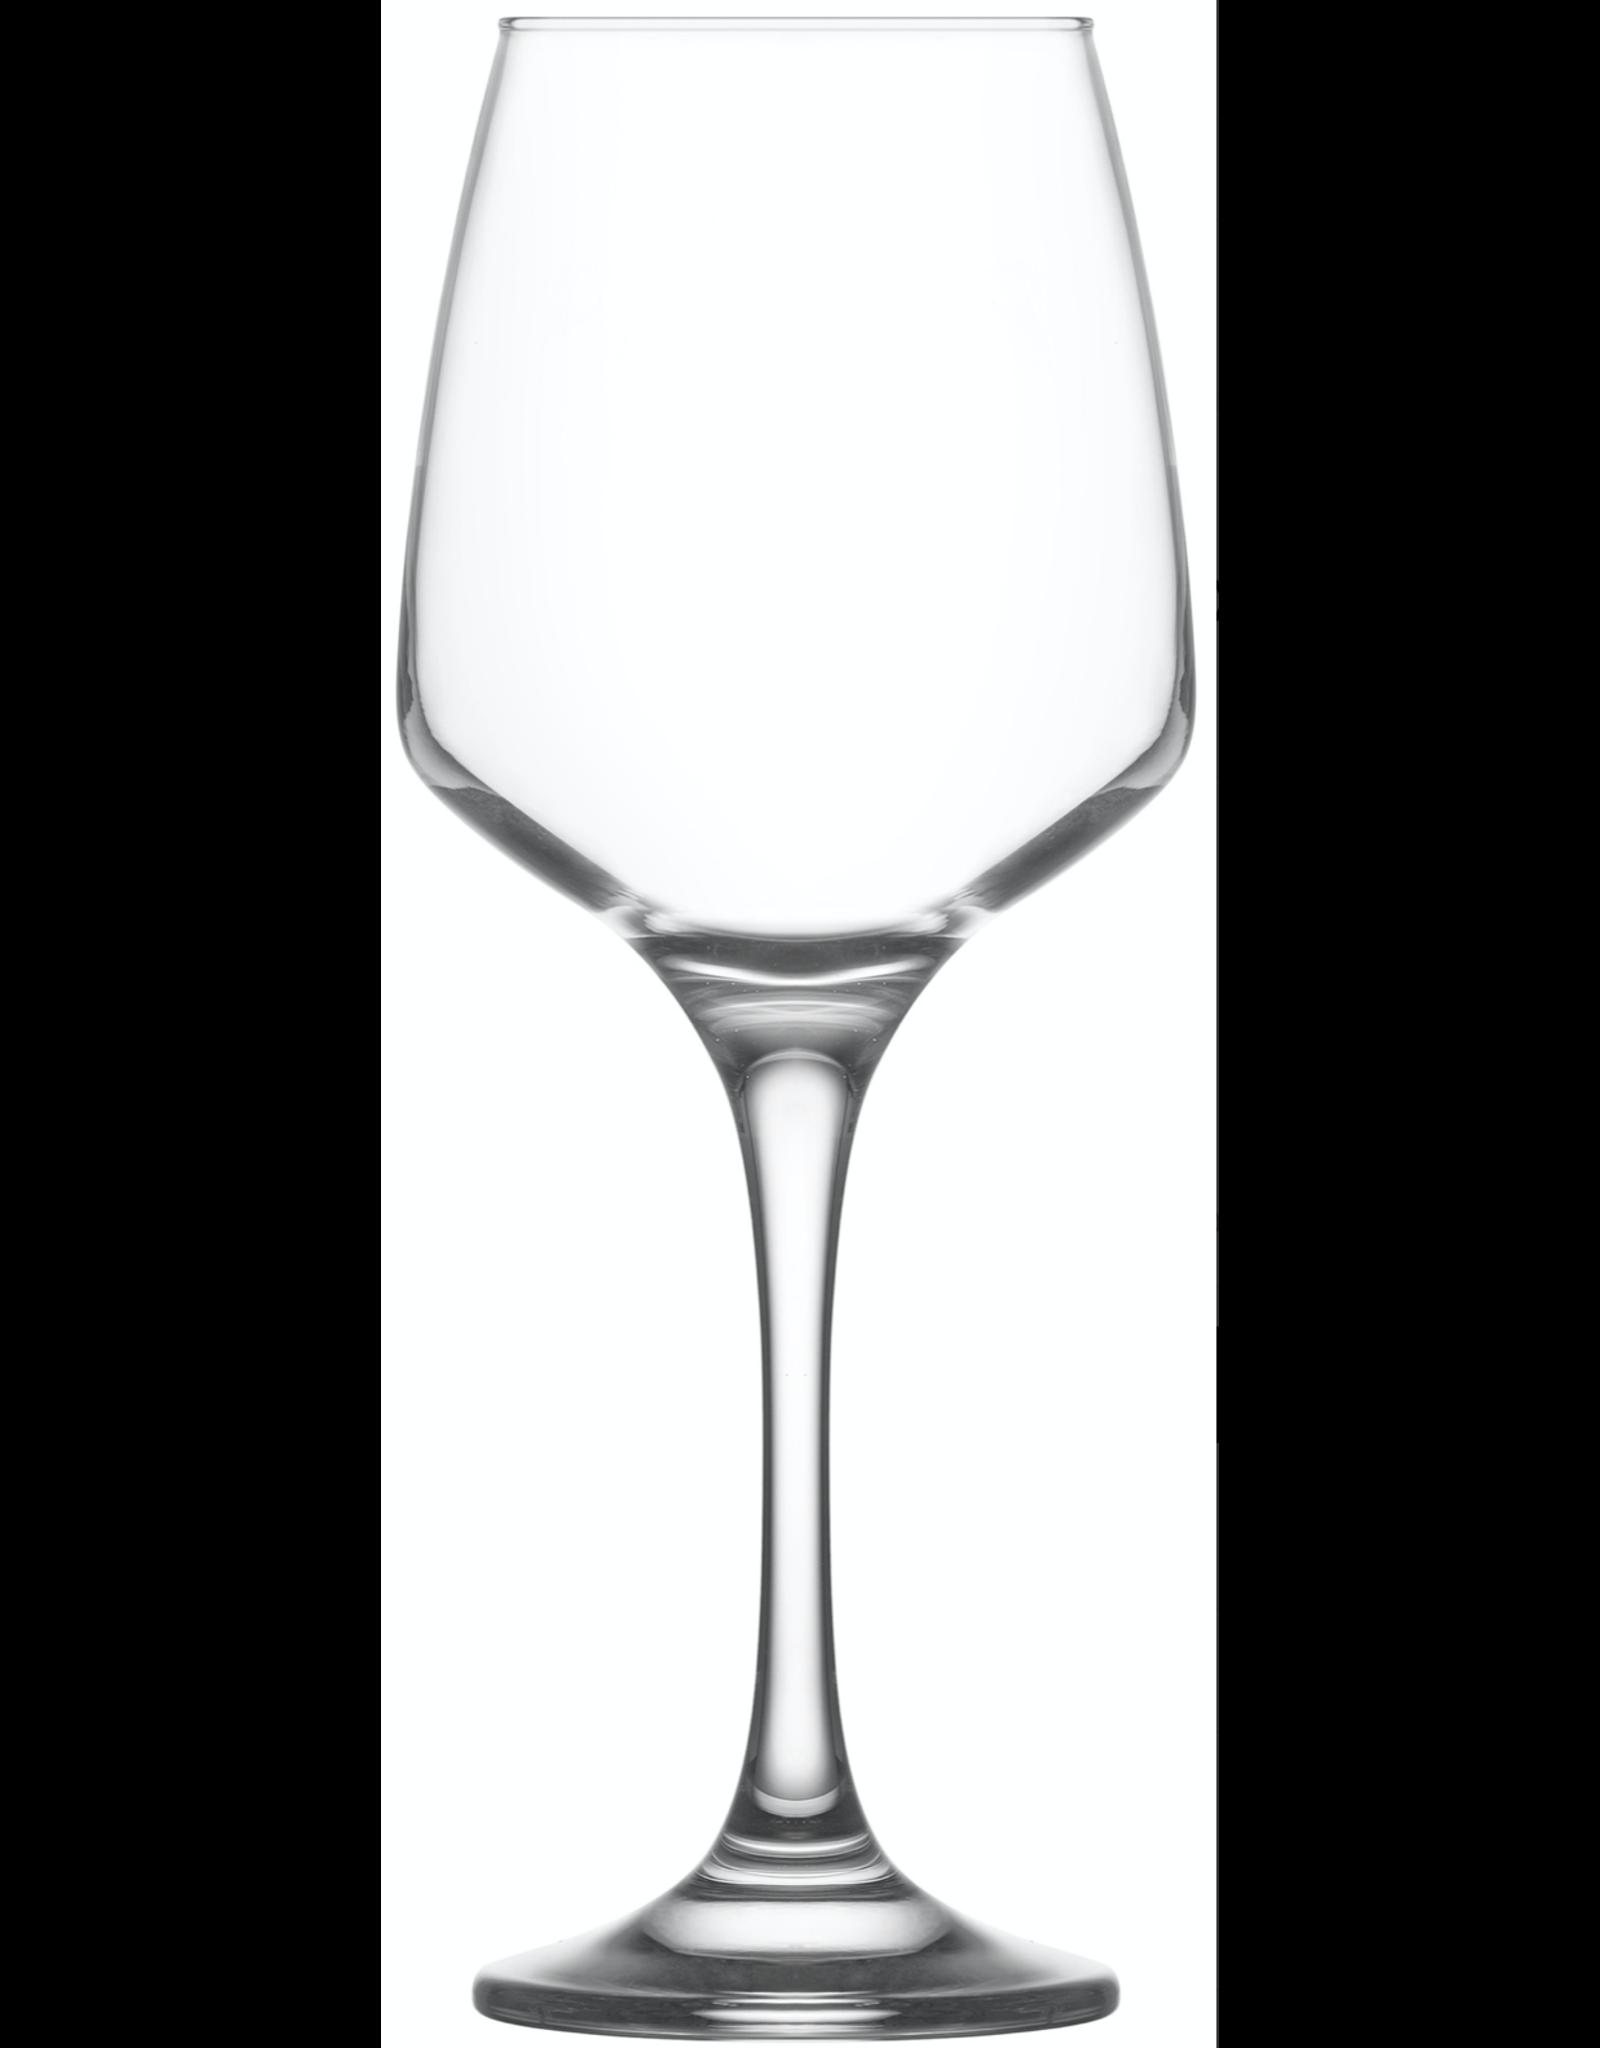 Kitchen Trend Rode wijnglas Monaco set van 4